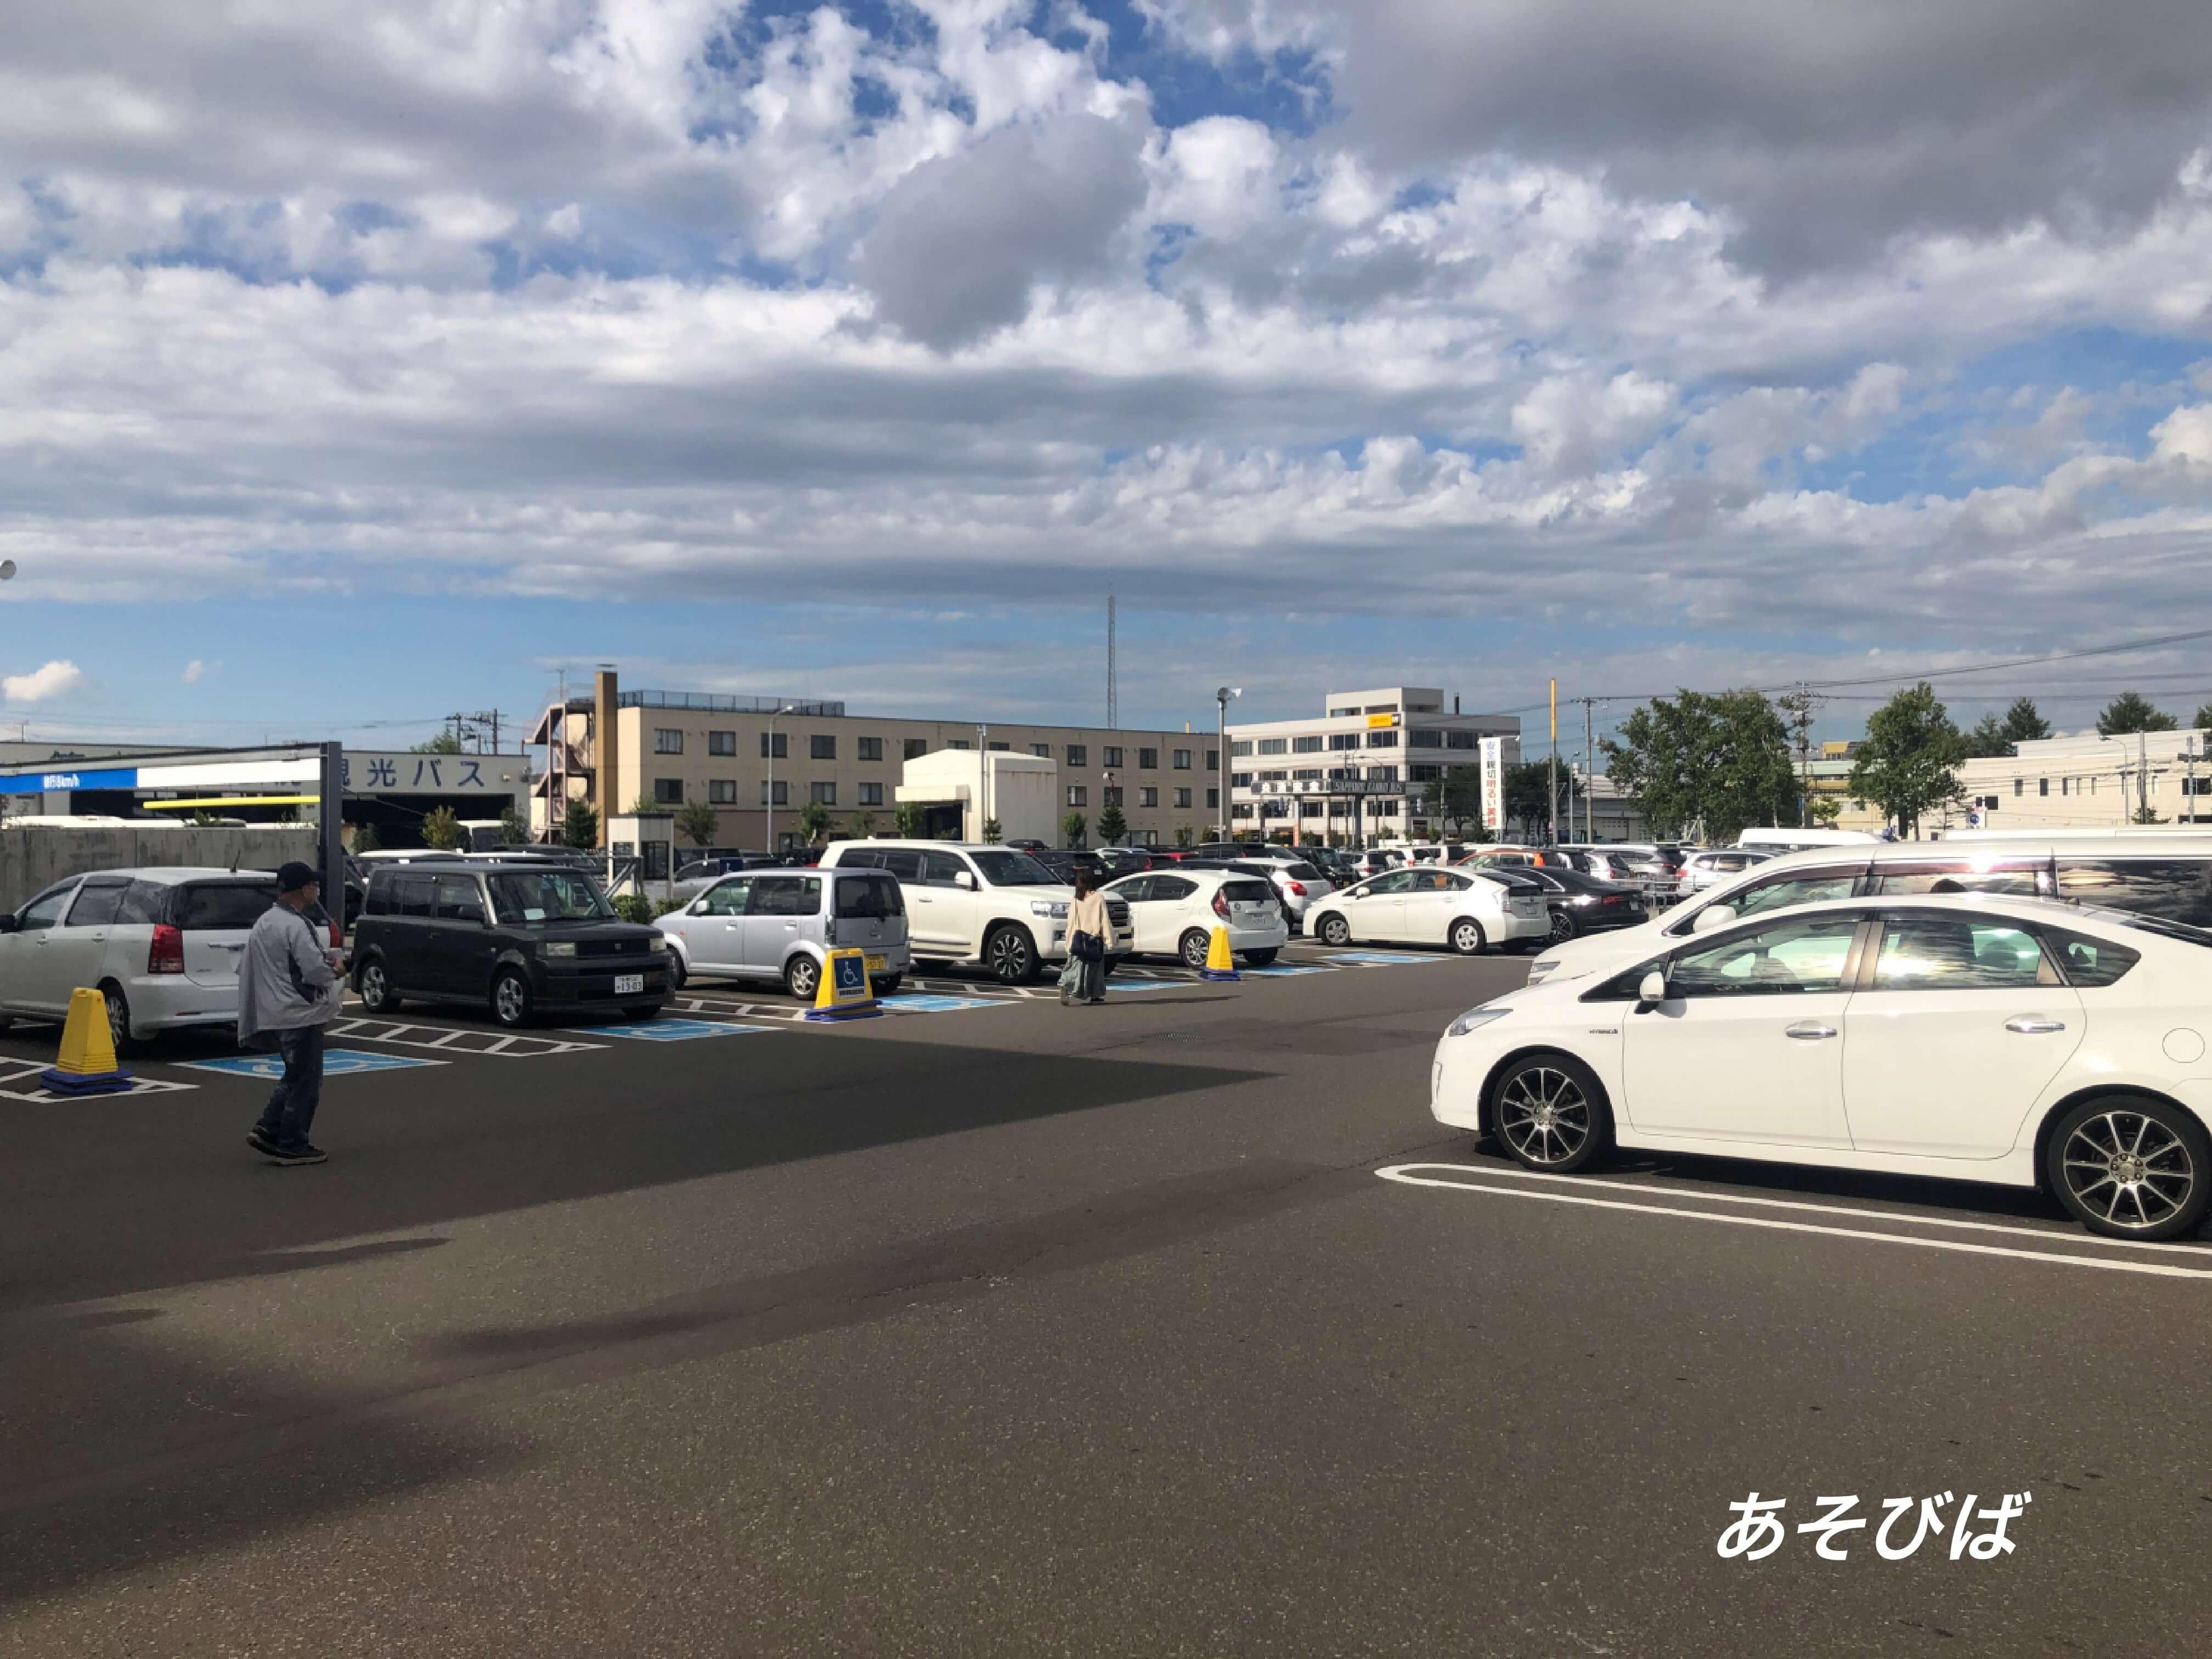 コストコ札幌駐車場